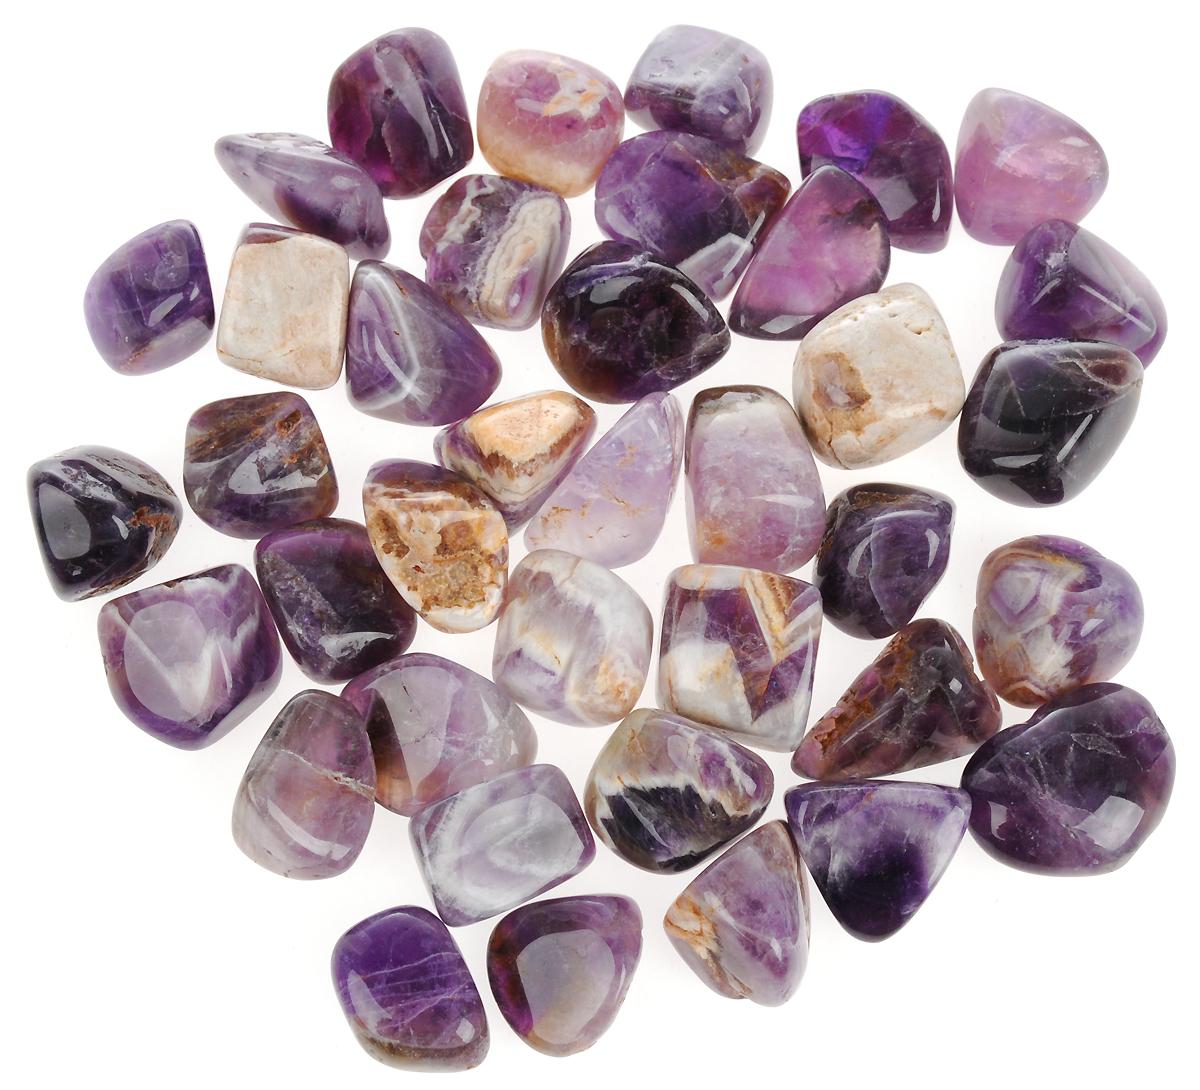 Кристаллы Lo Scarabeo Аметист (бисер), 500 гр. CR04CR04Камни в виде кристаллов могут использоваться в астрологических гаданиях, а также как амулет или талисман. В зависимости от свойств камня можно выбирать и принцип его применения. Обращаем ваше внимание, что упаковка может содержать различное количество кристаллов (20-35 штук).